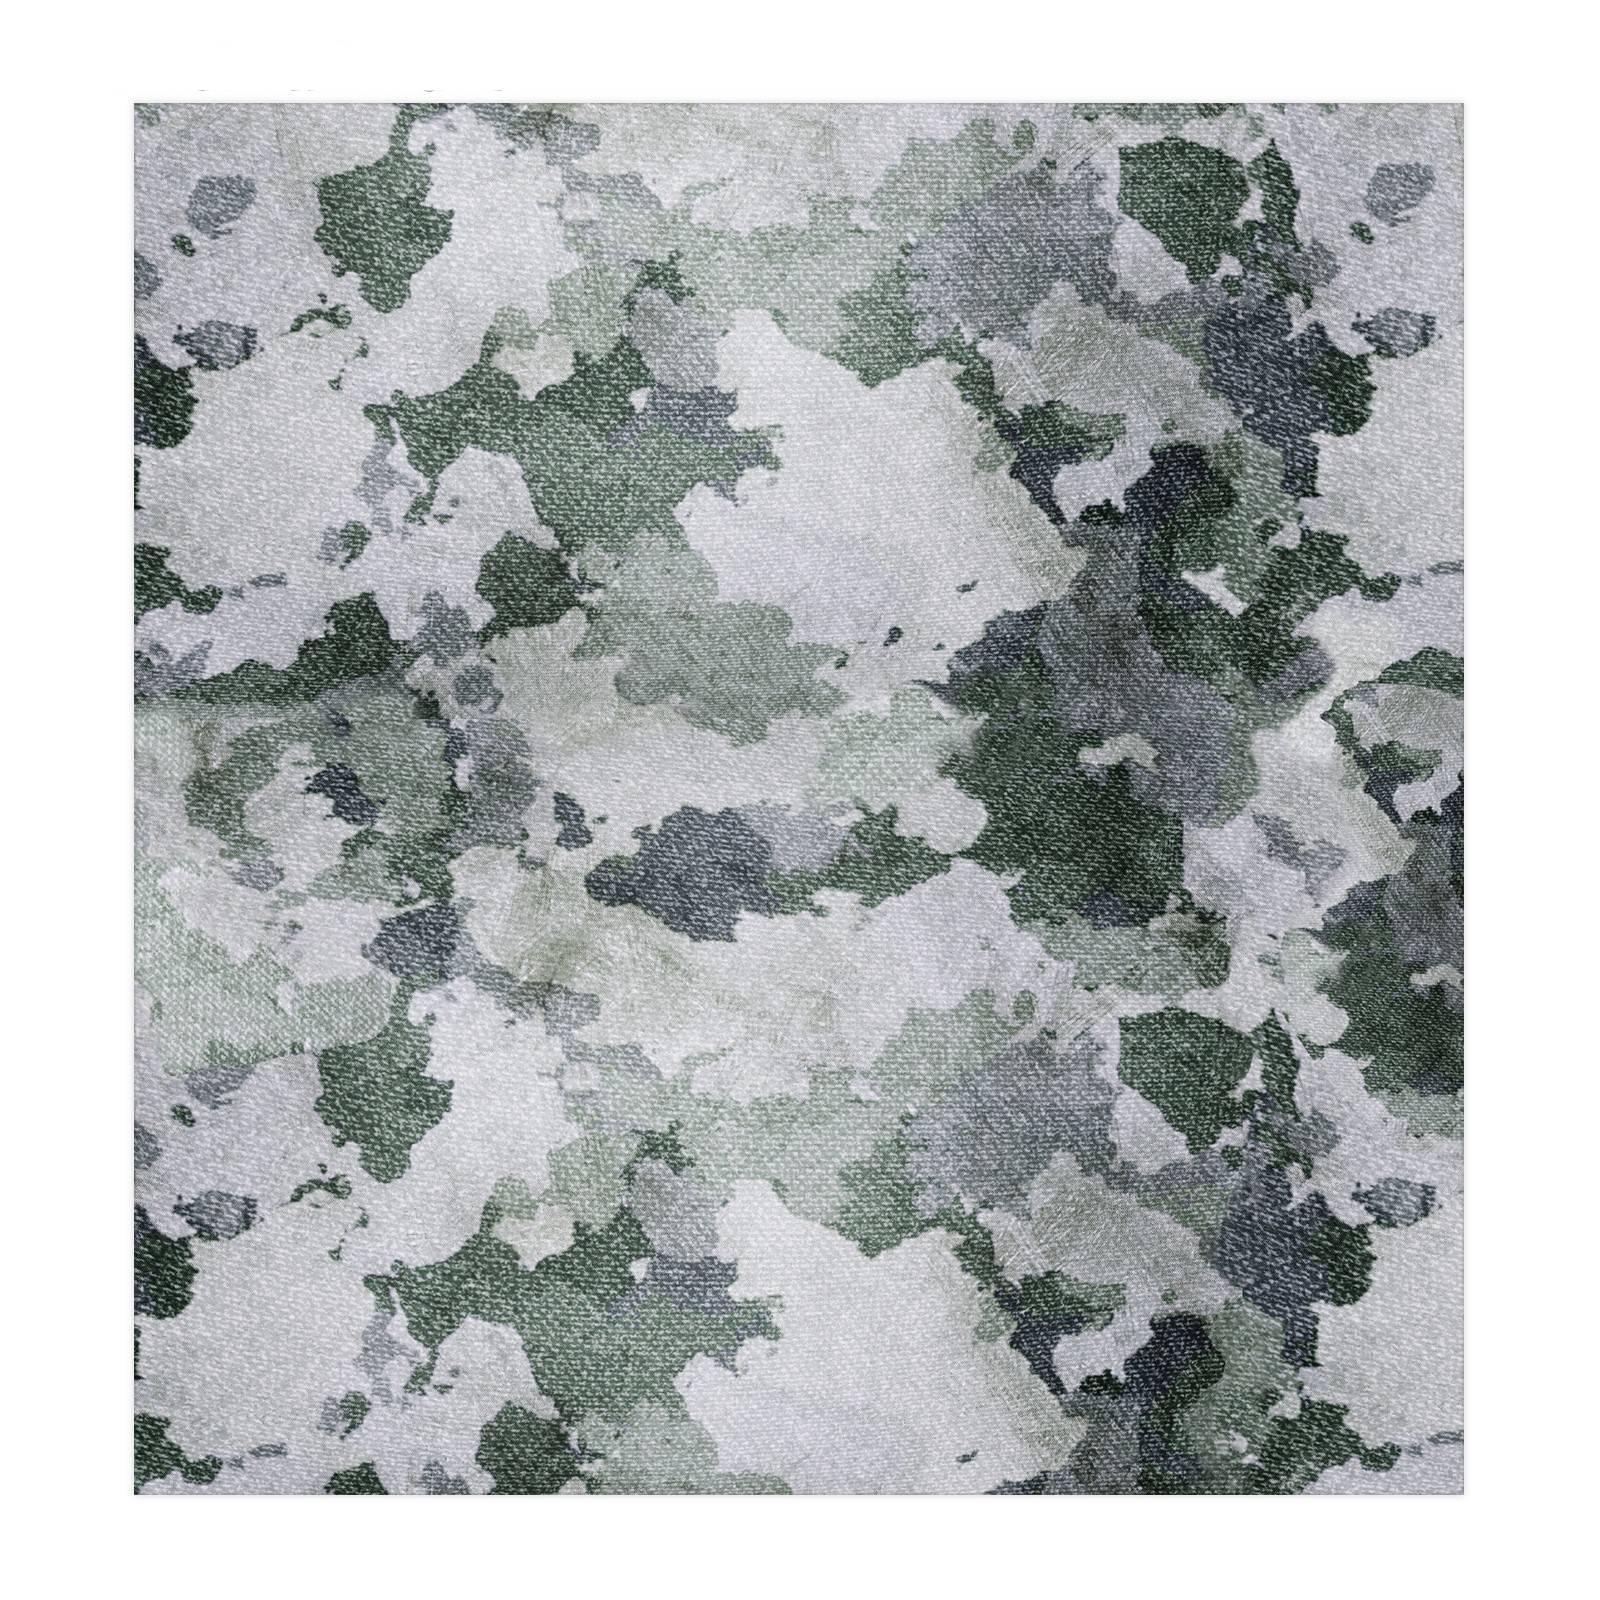 Бумага для скрапбукинга, Армейские звёзды, 30,5×32 см, 180 г/м 4166475, АртУзор